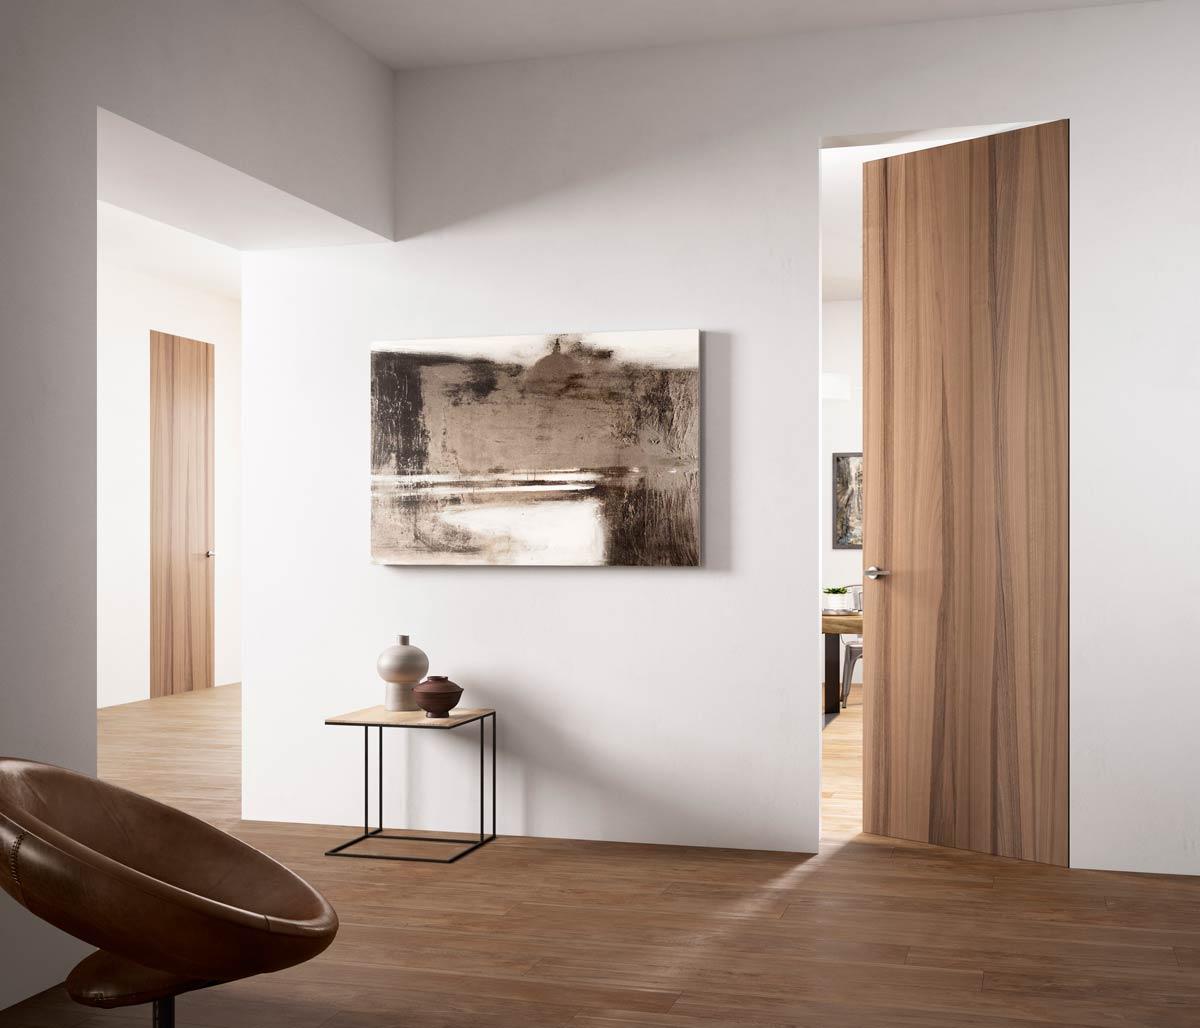 Come scegliere le porte interne guida all 39 acquisto omnia pisa - Come verniciare porte interne ...